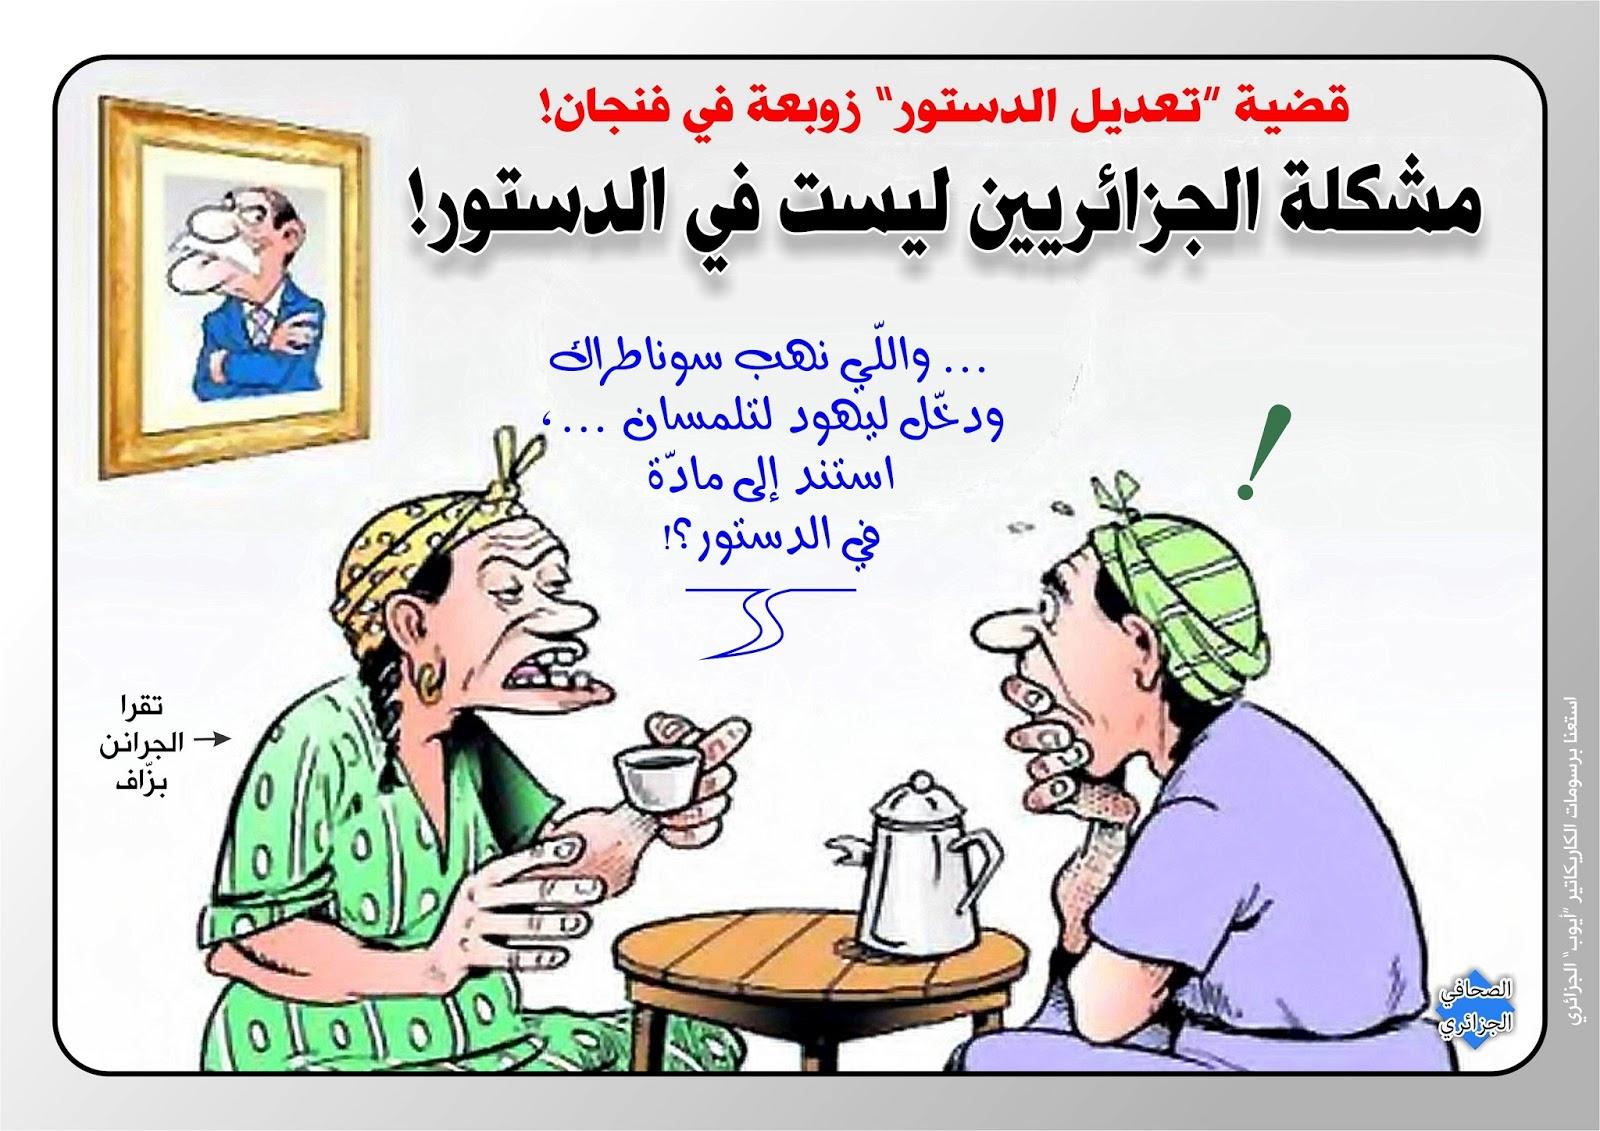 الجزاير في حالة ههههه %D9%82%D8%B6%D9%8A%D